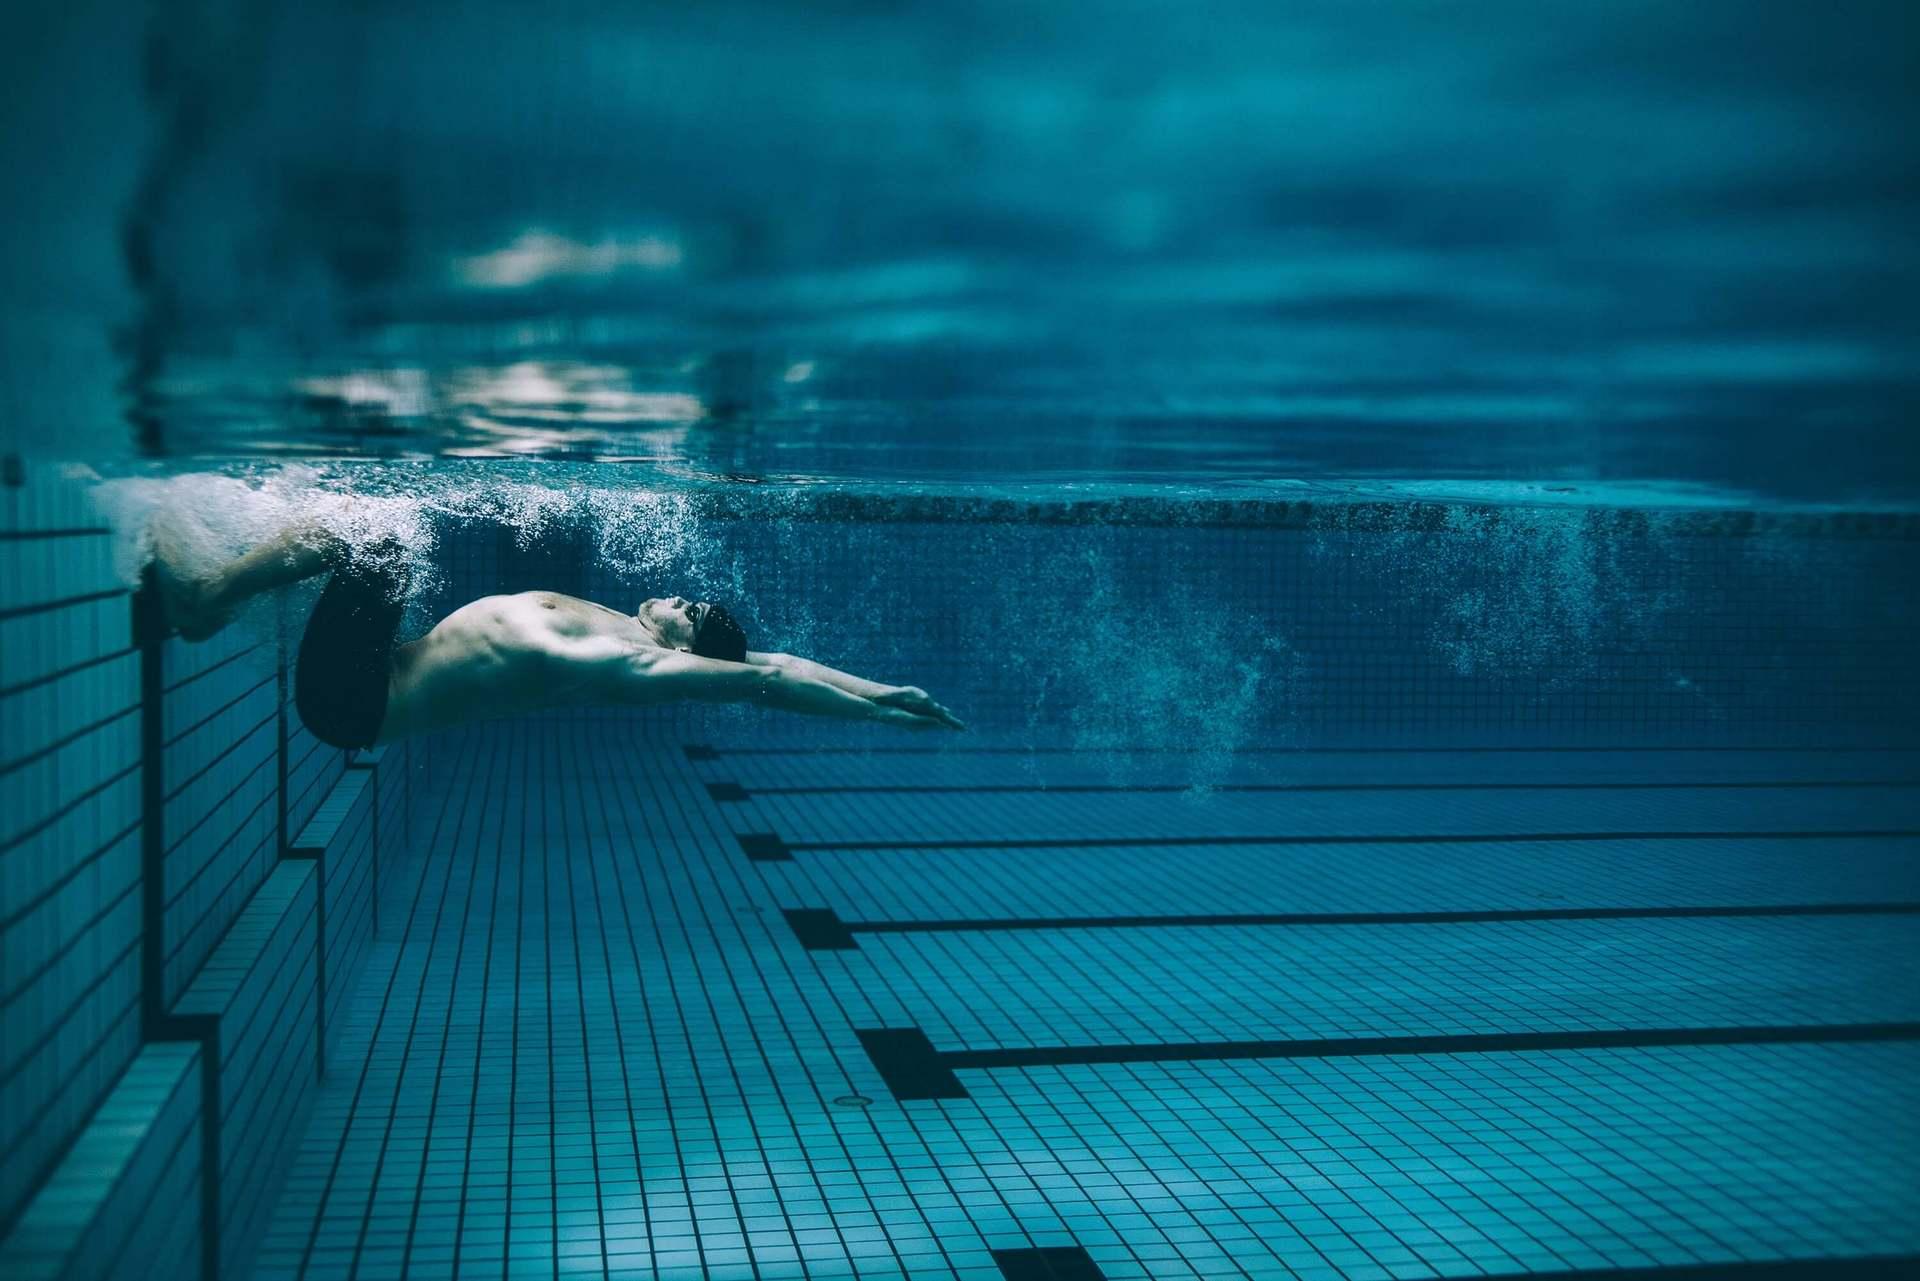 0592405b7 5 dicas para praticar natação com saúde e segurança